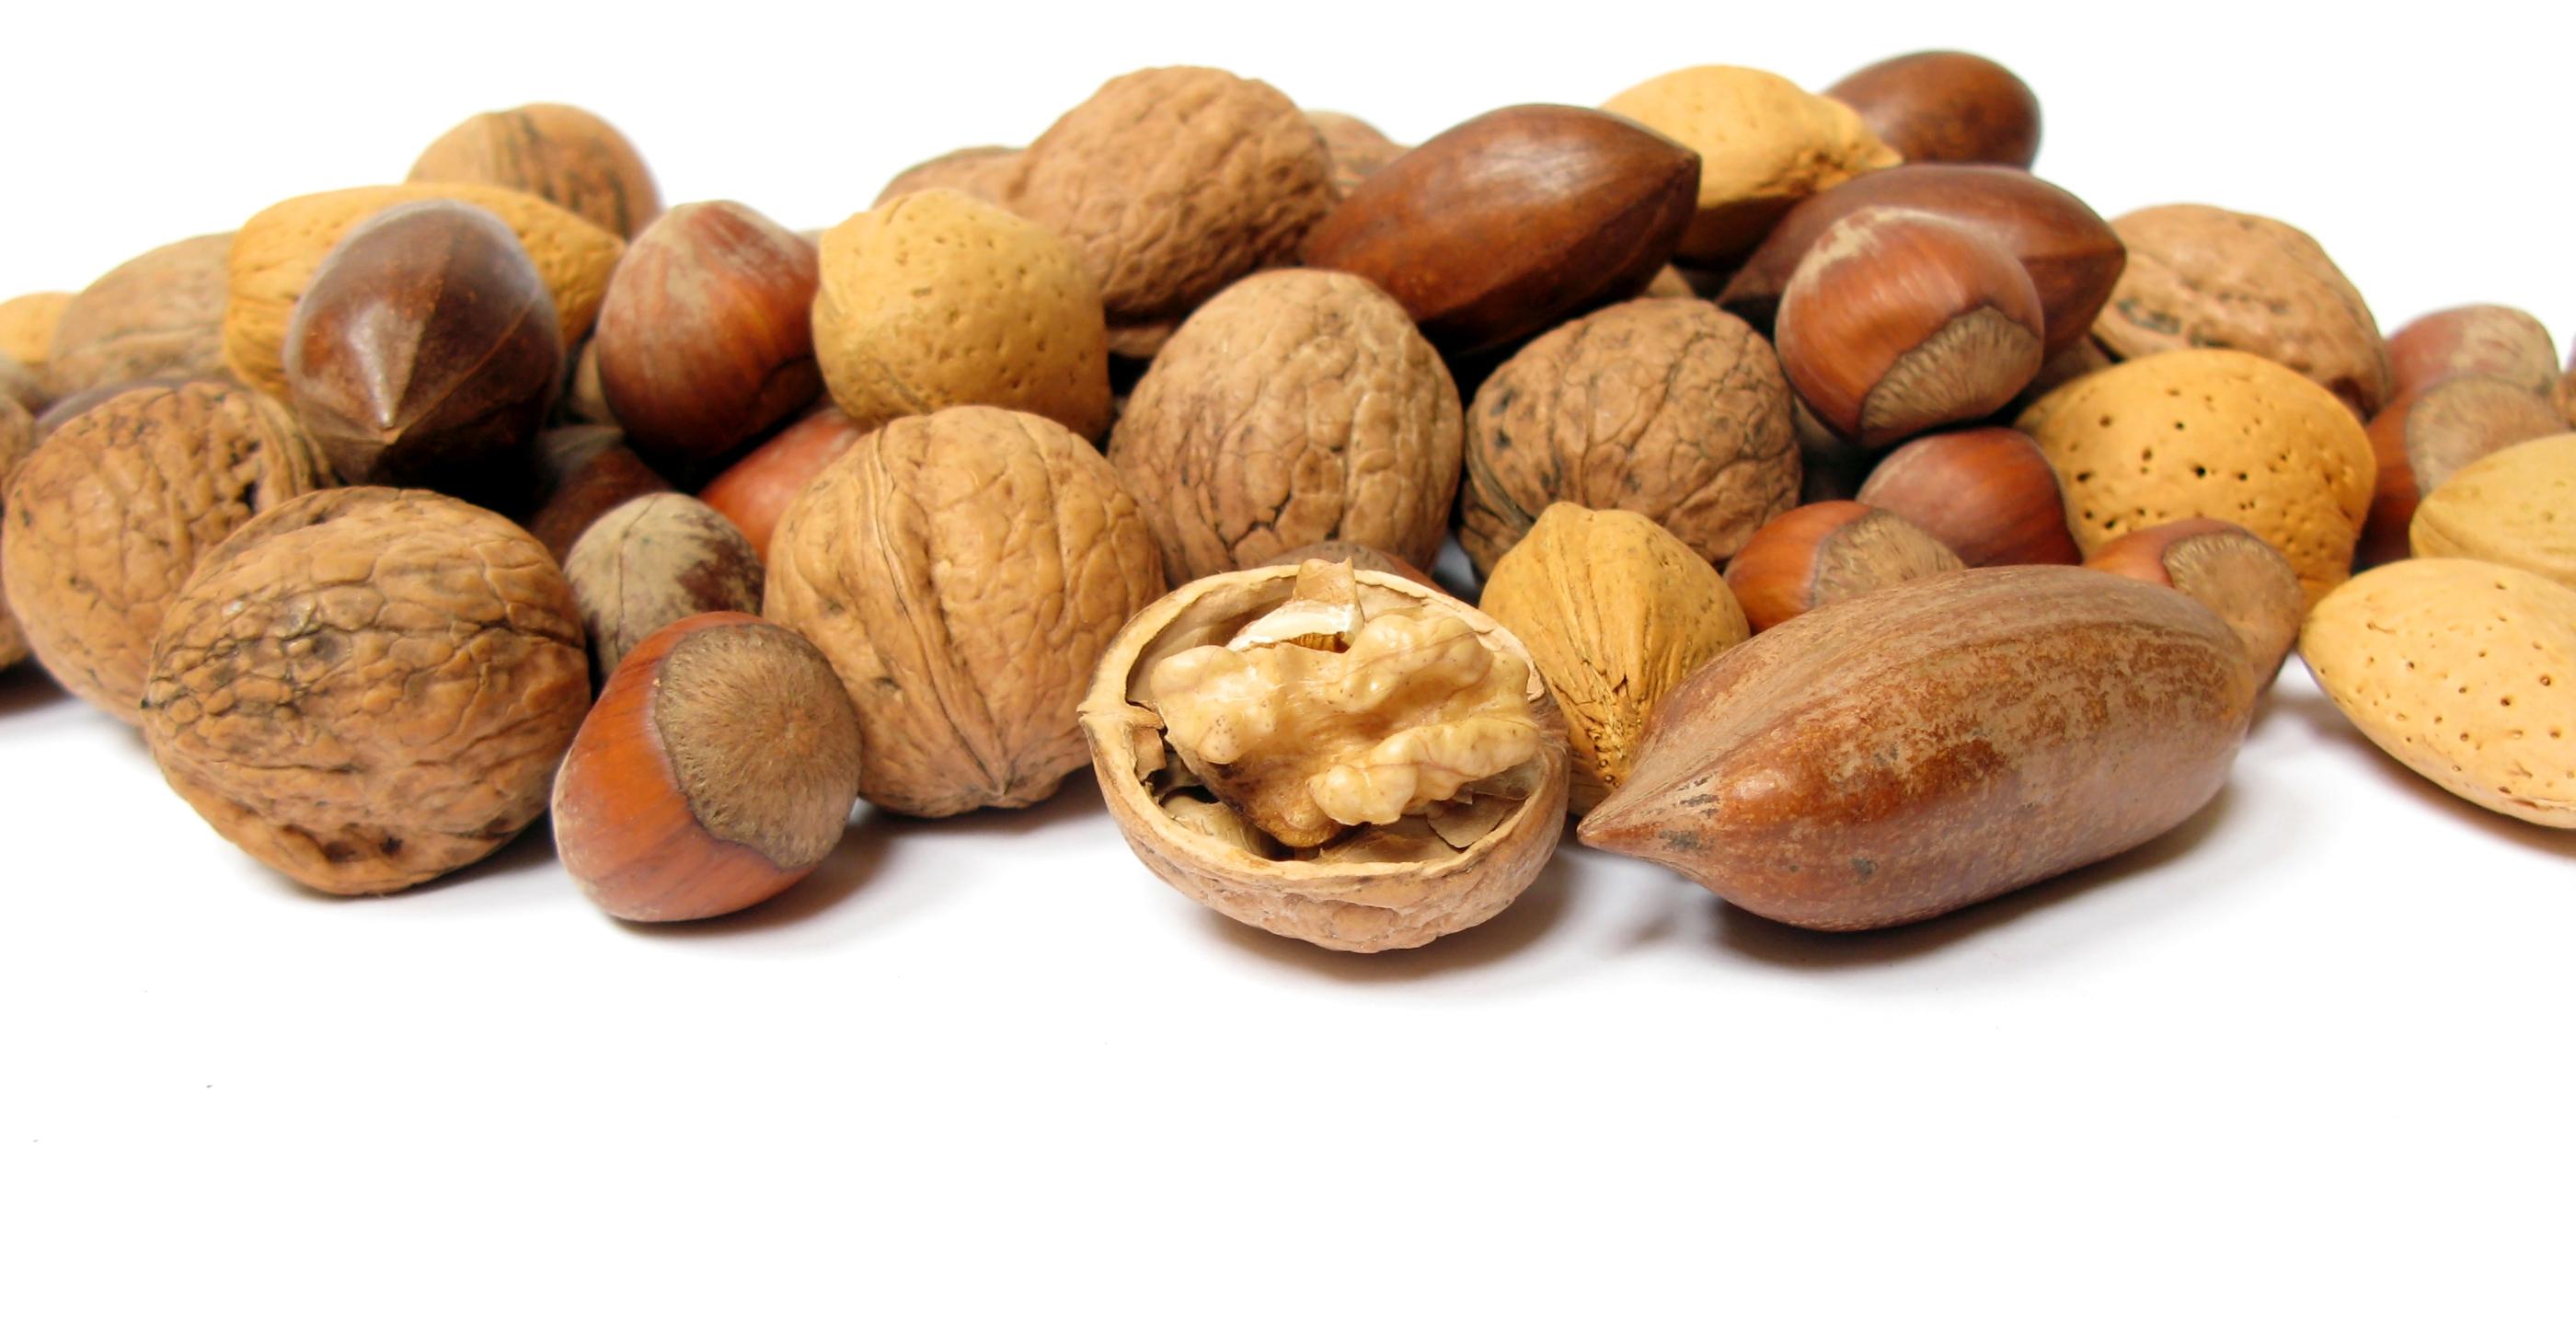 Nuts Computer Wallpaper